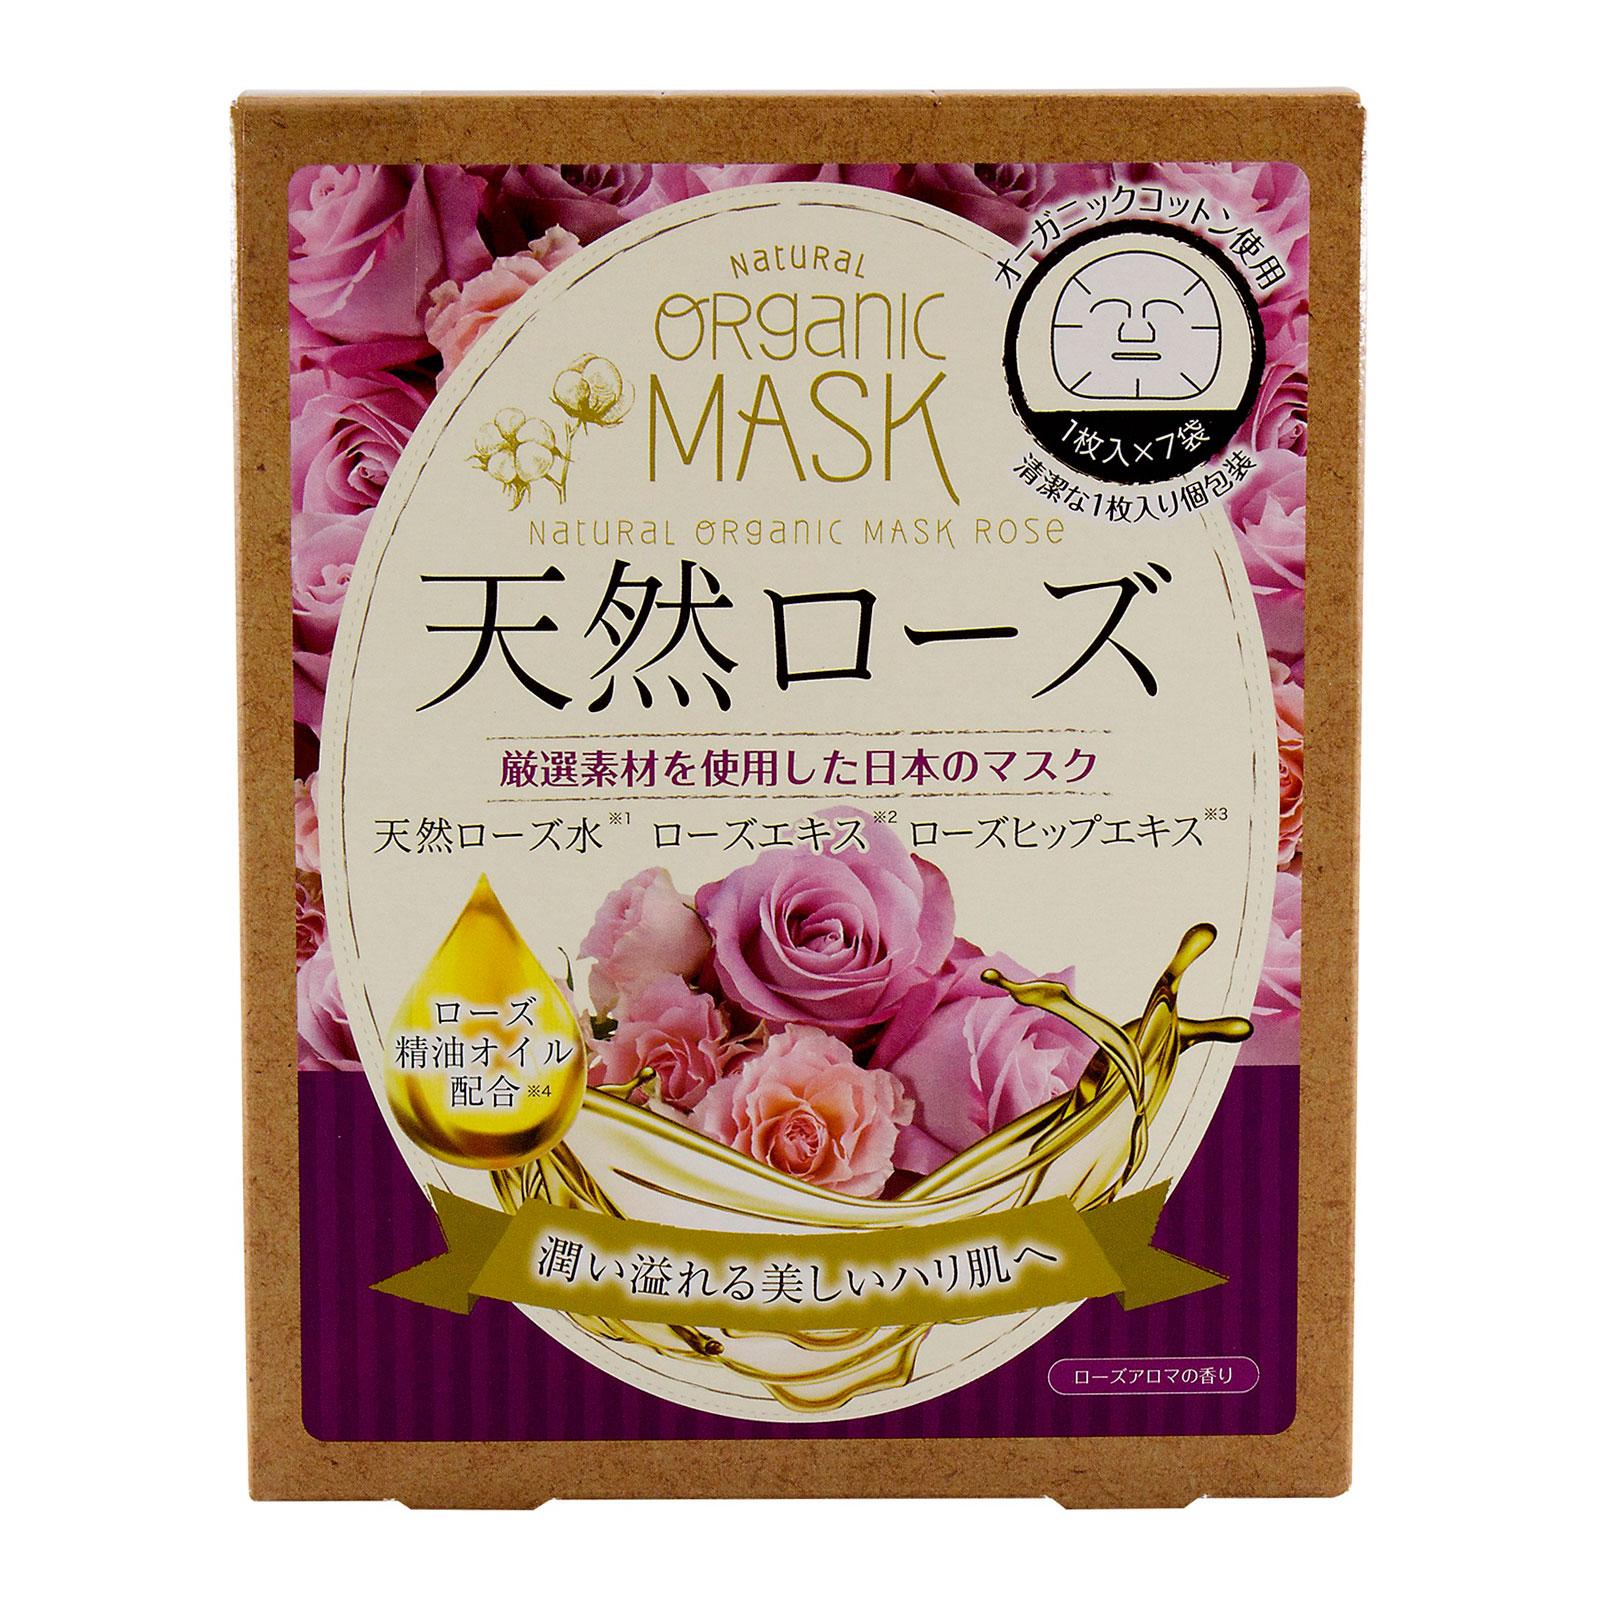 Органическая маска для лица Japan Gals с экстрактом розы 1 шт<br>